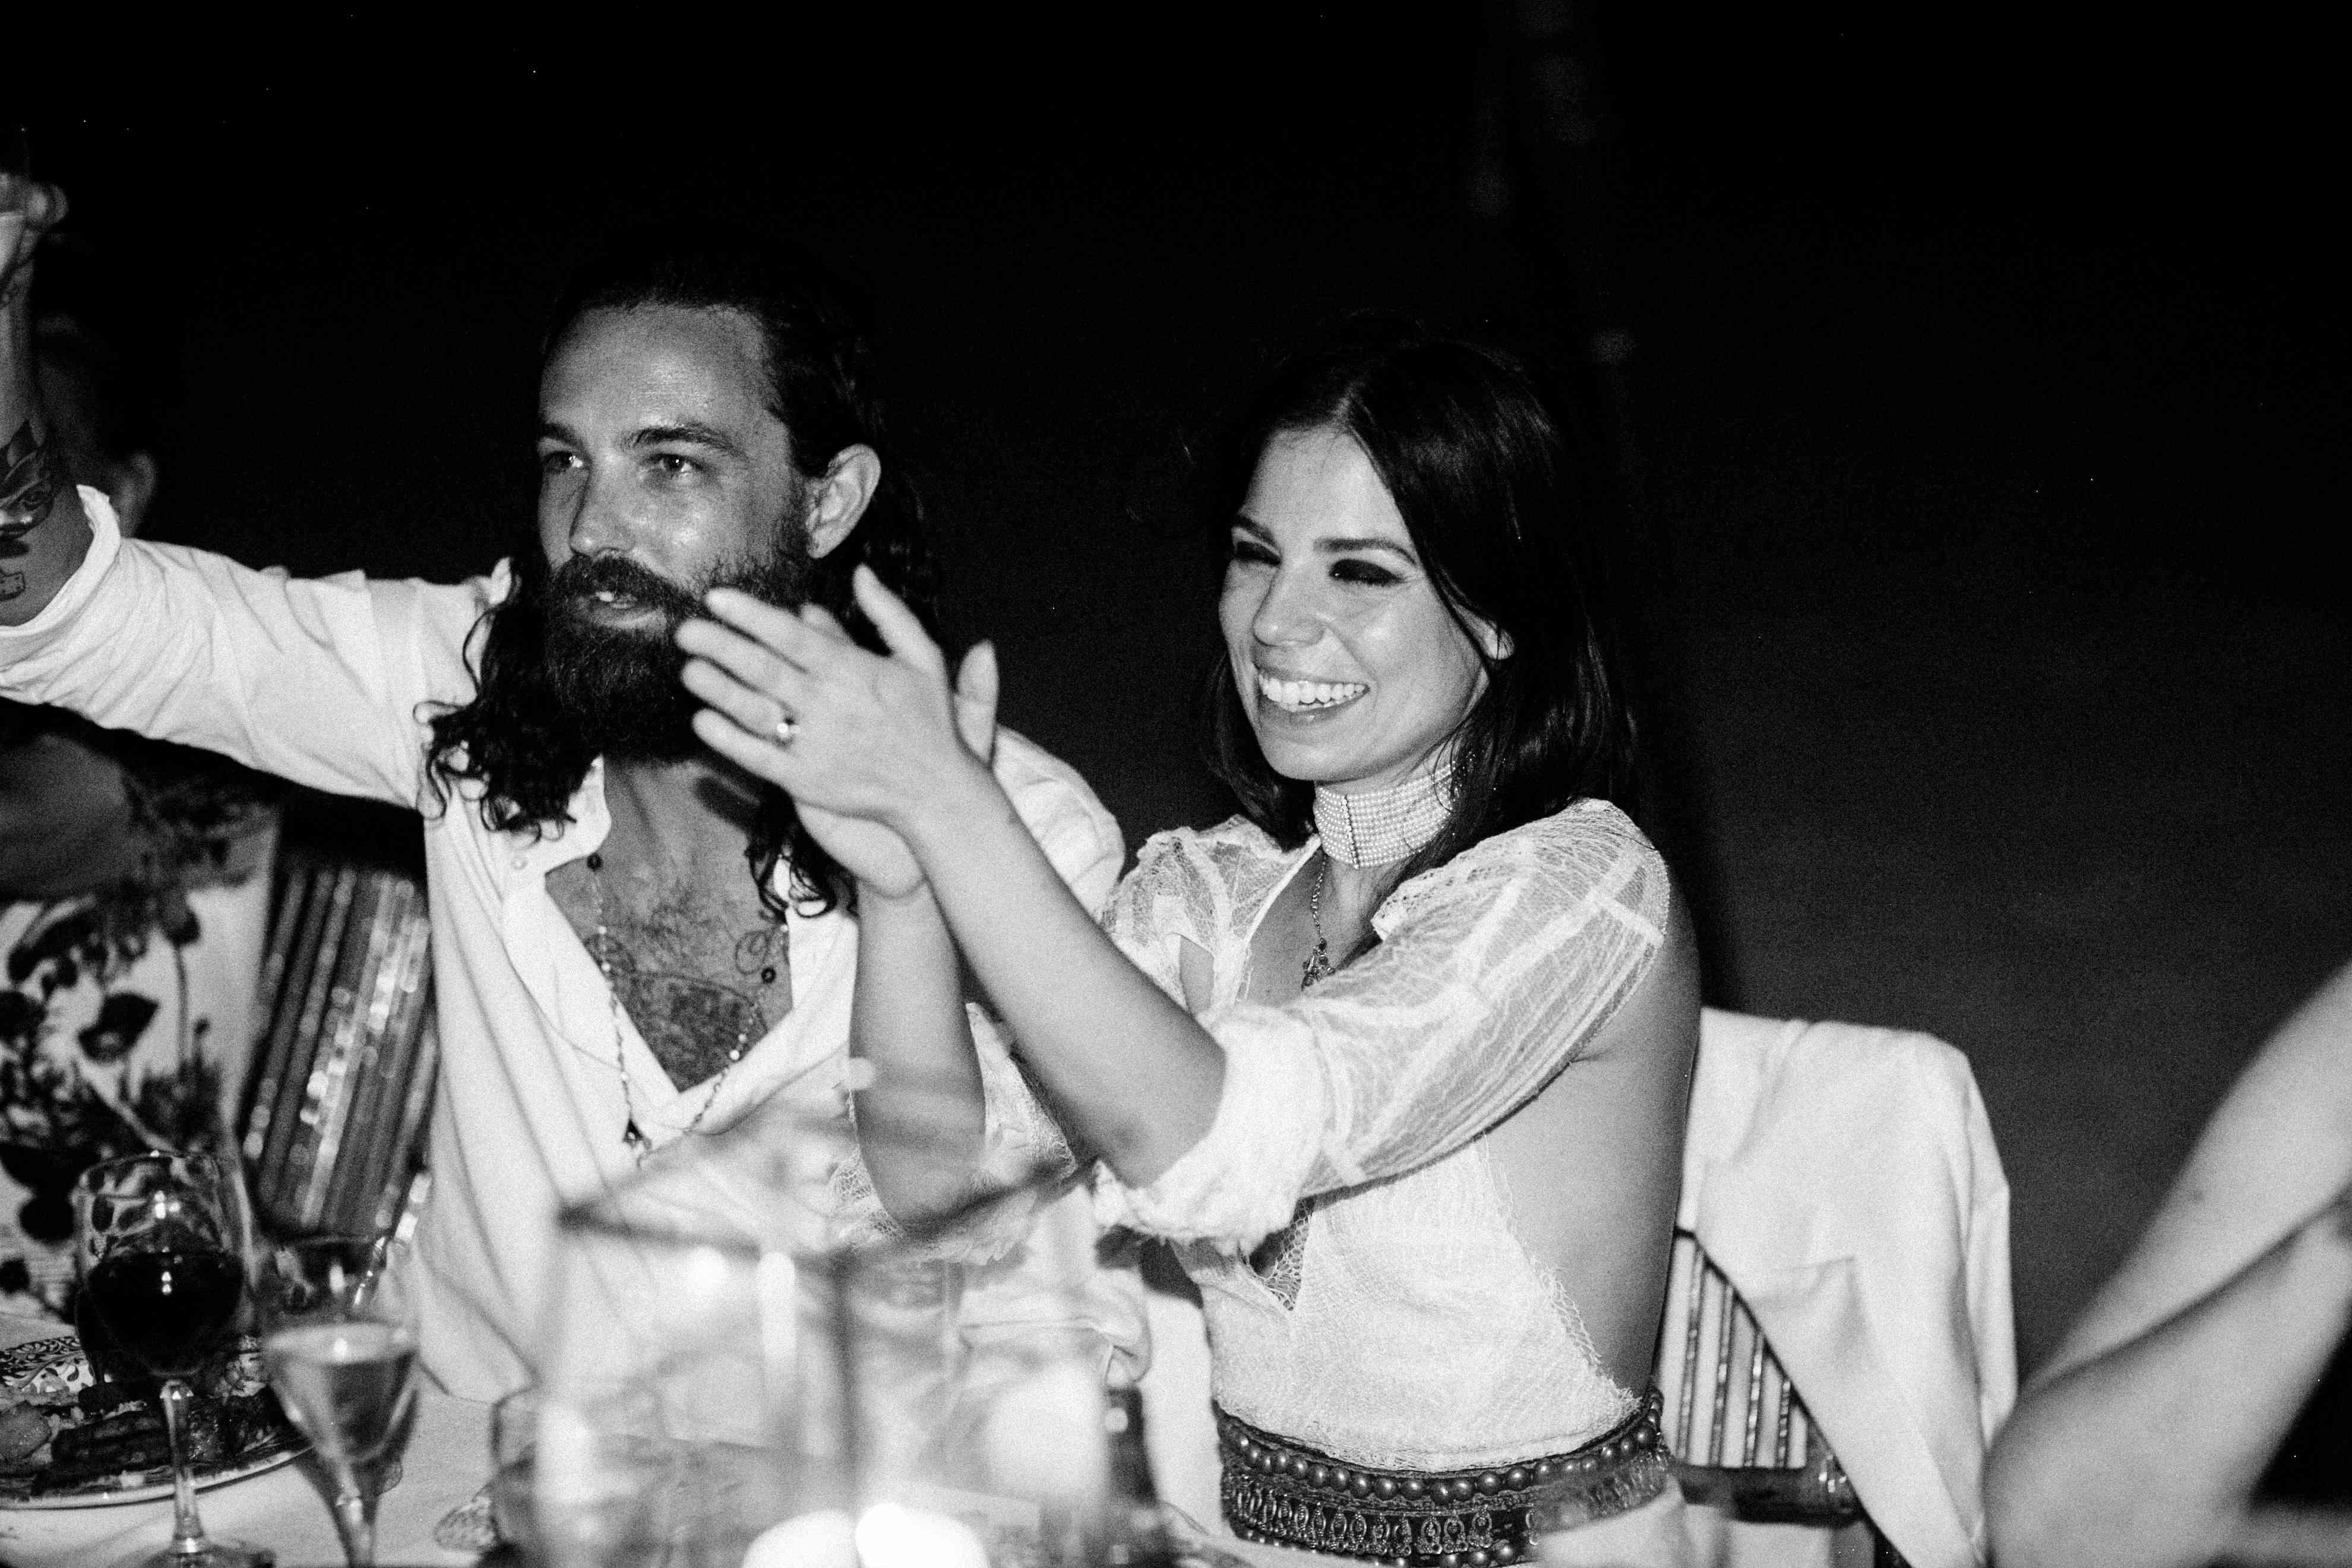 couple toasting wedding reception celebration